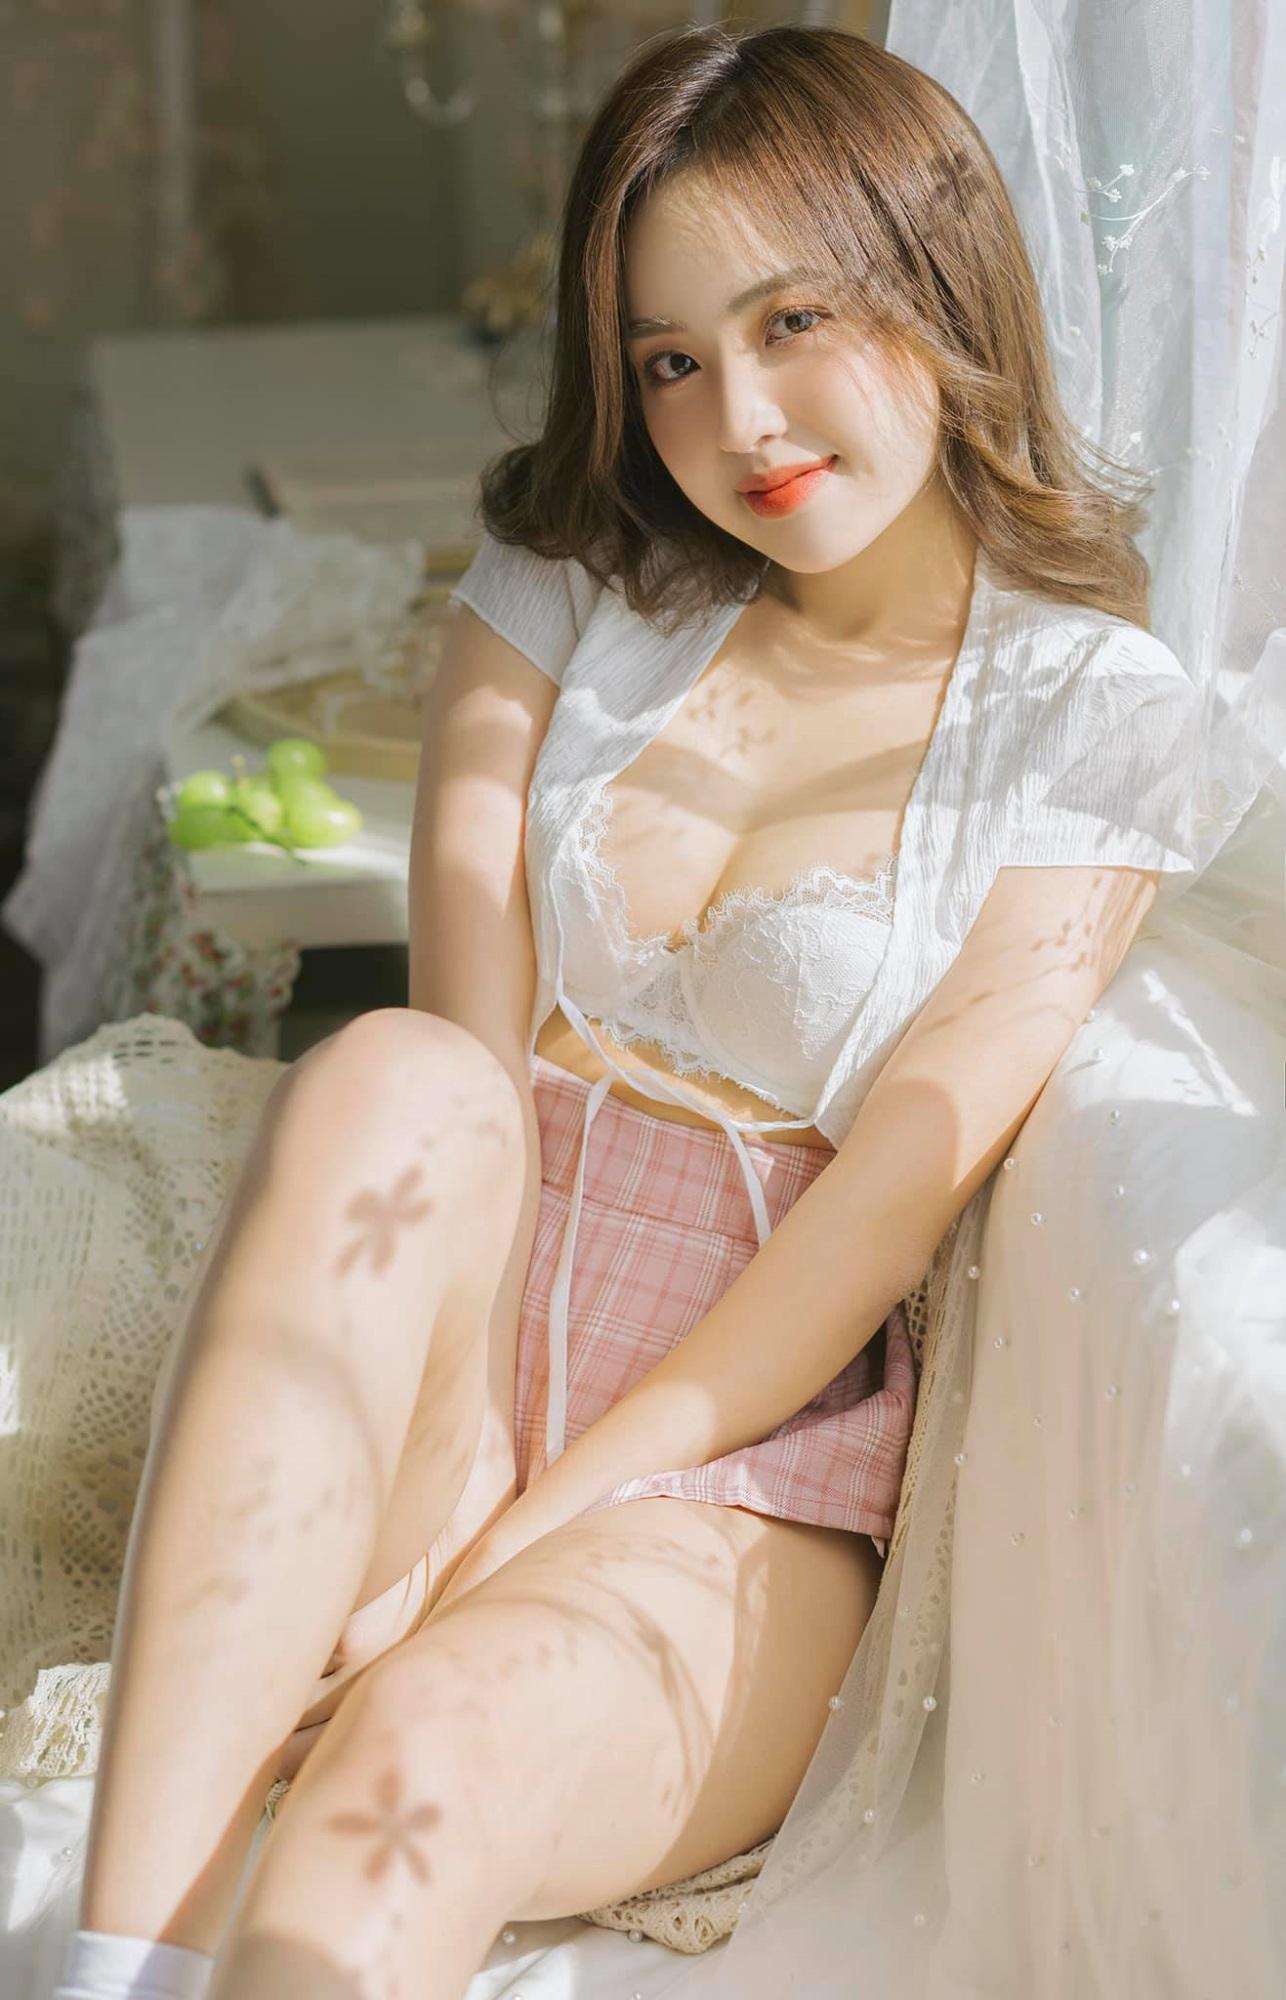 Nàng hotgirl Việt 'thả dáng' nửa kín nửa hở trước ống kính, đốn tin dân mạng sau nghi vấn lộ clip nhạy cảm - Ảnh 2